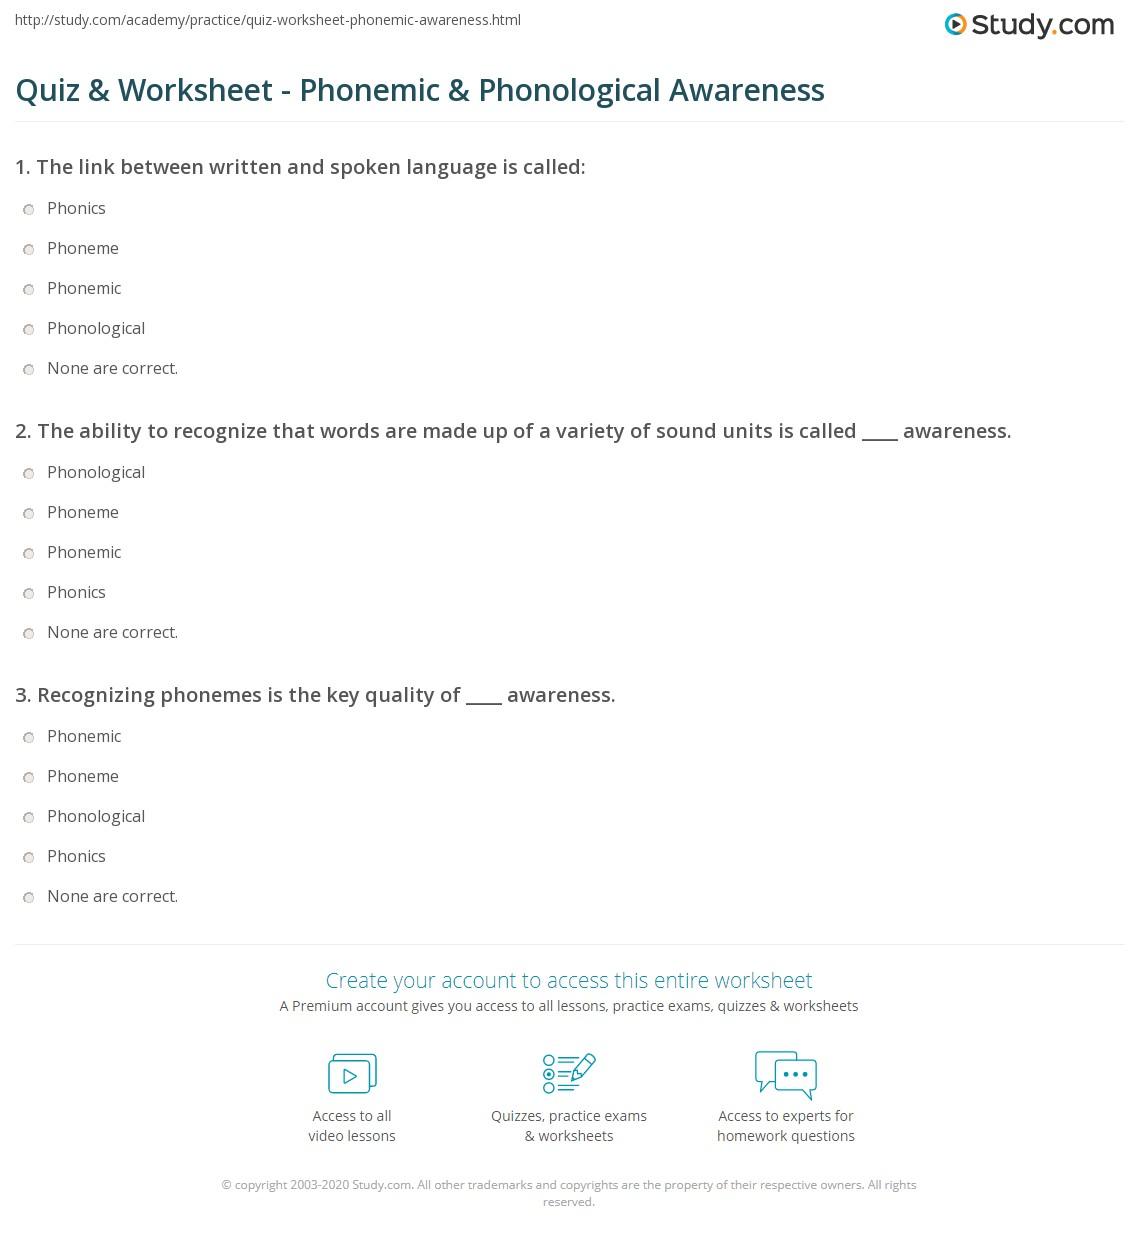 Quiz & Worksheet - Phonemic & Phonological Awareness | Study com